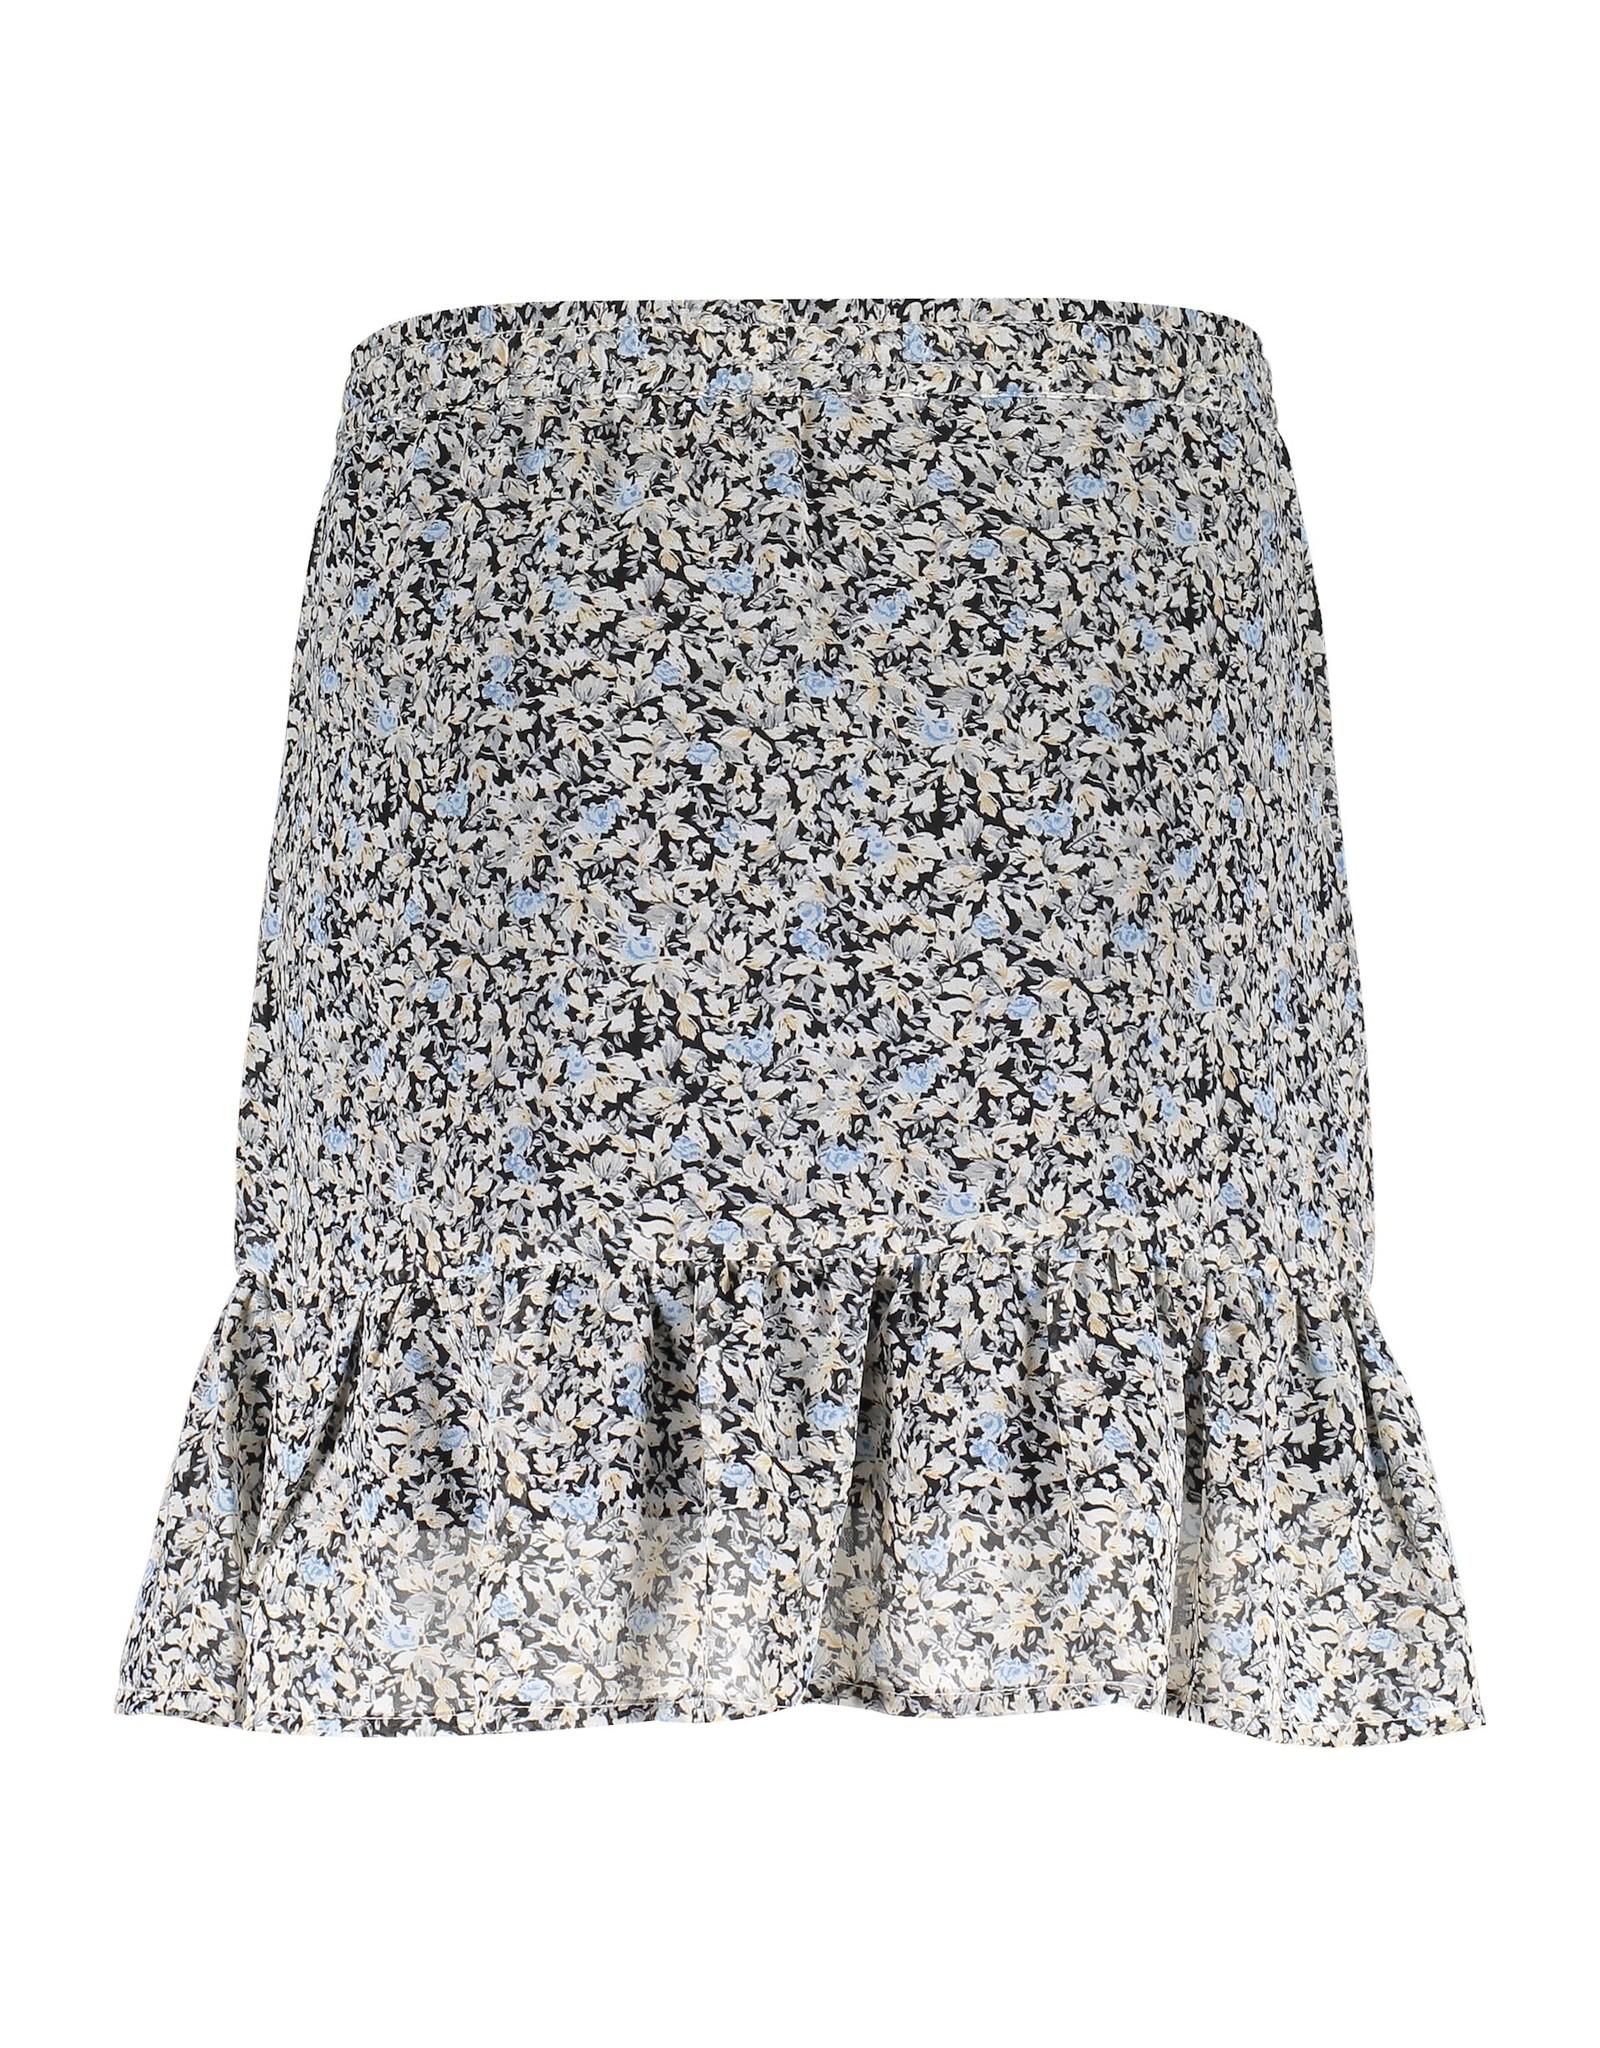 Geisha Skirt AOP little flowers & ruffle